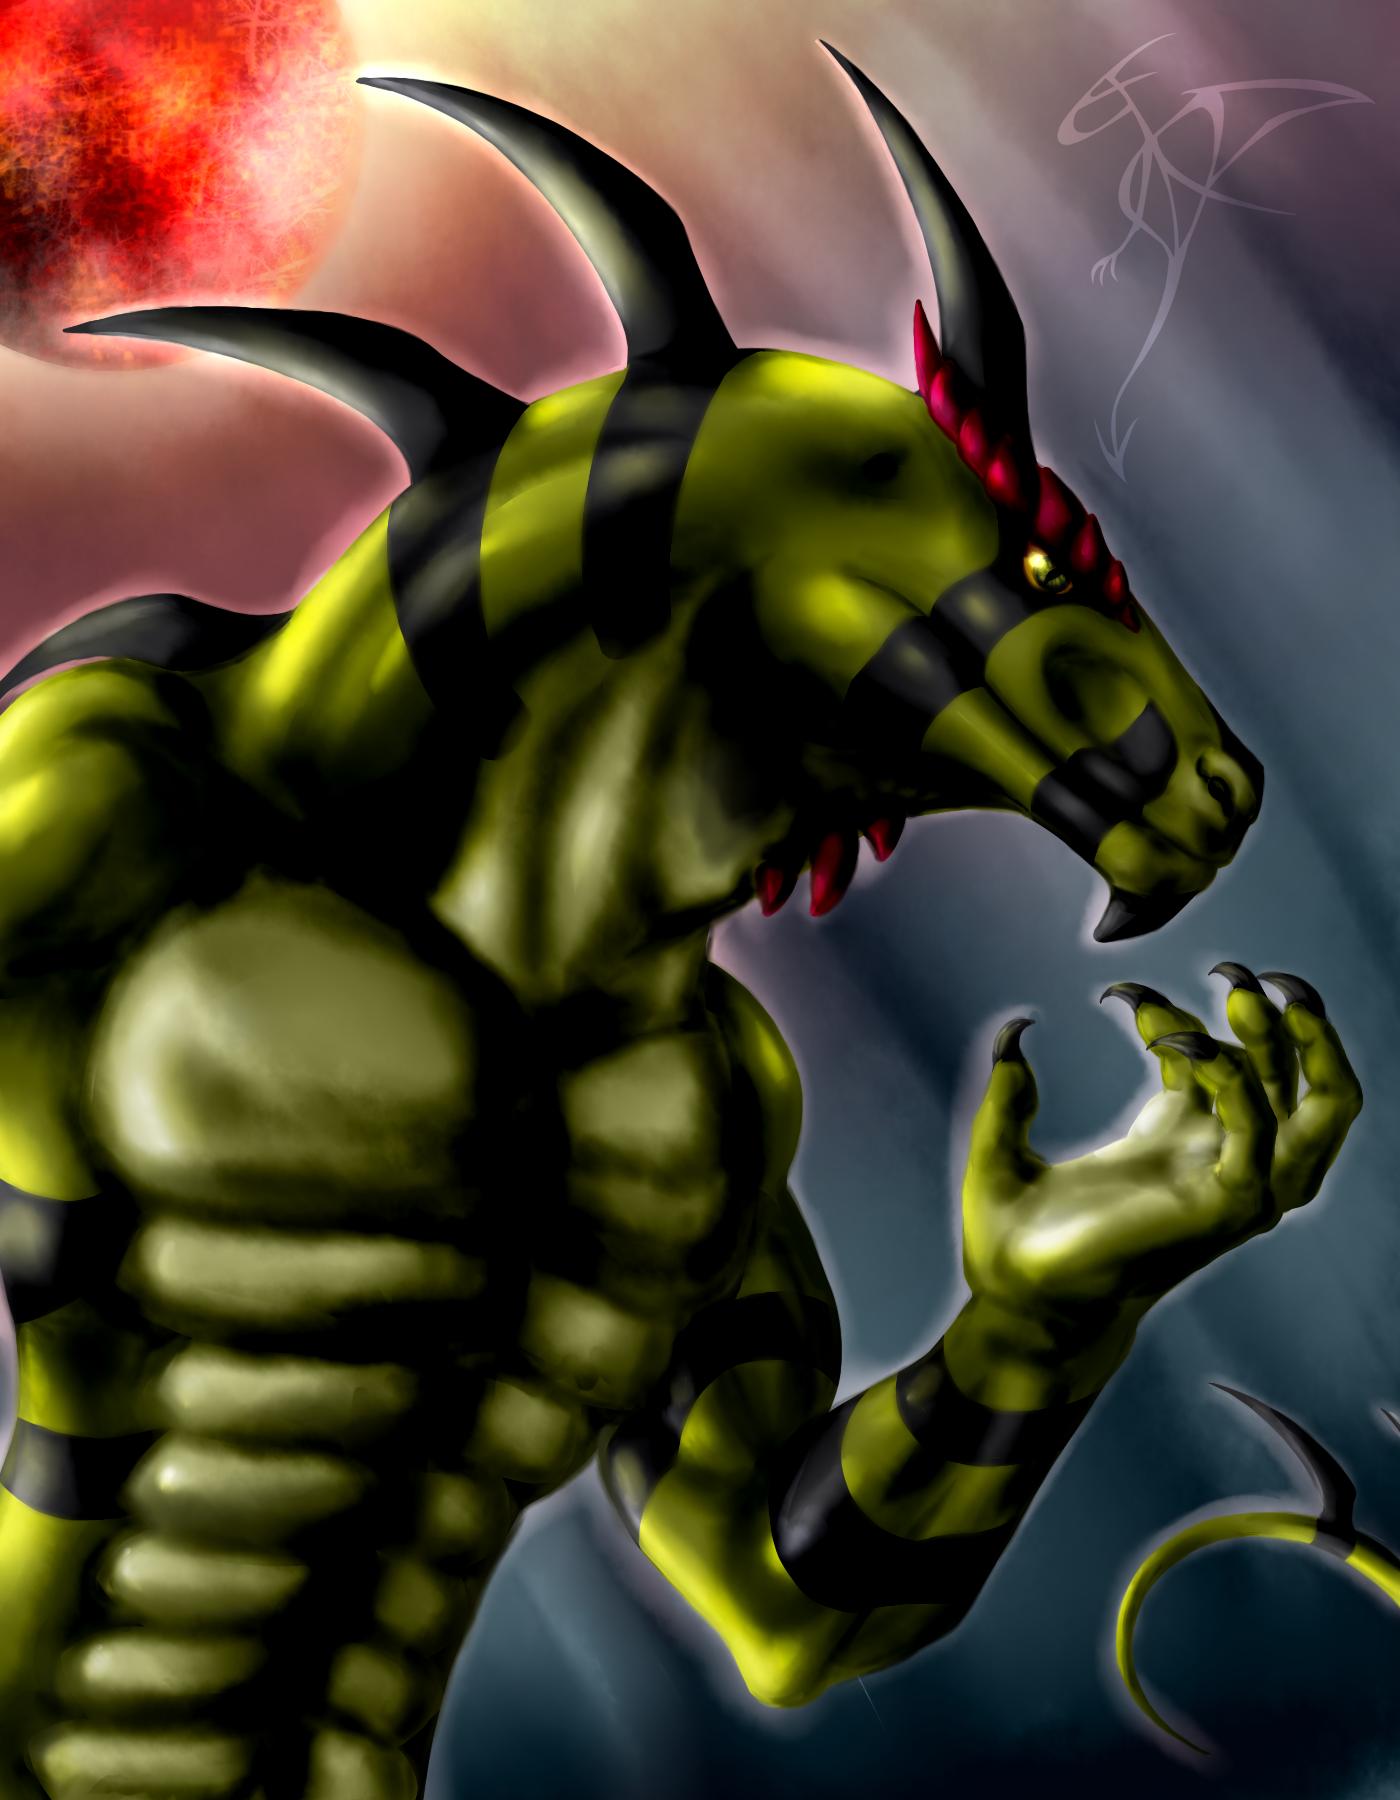 [RYSUNKI]- czyli mini Deviant Saf - Page 5 Chase_young___dragon_form_by_fandragonball-d84sfid